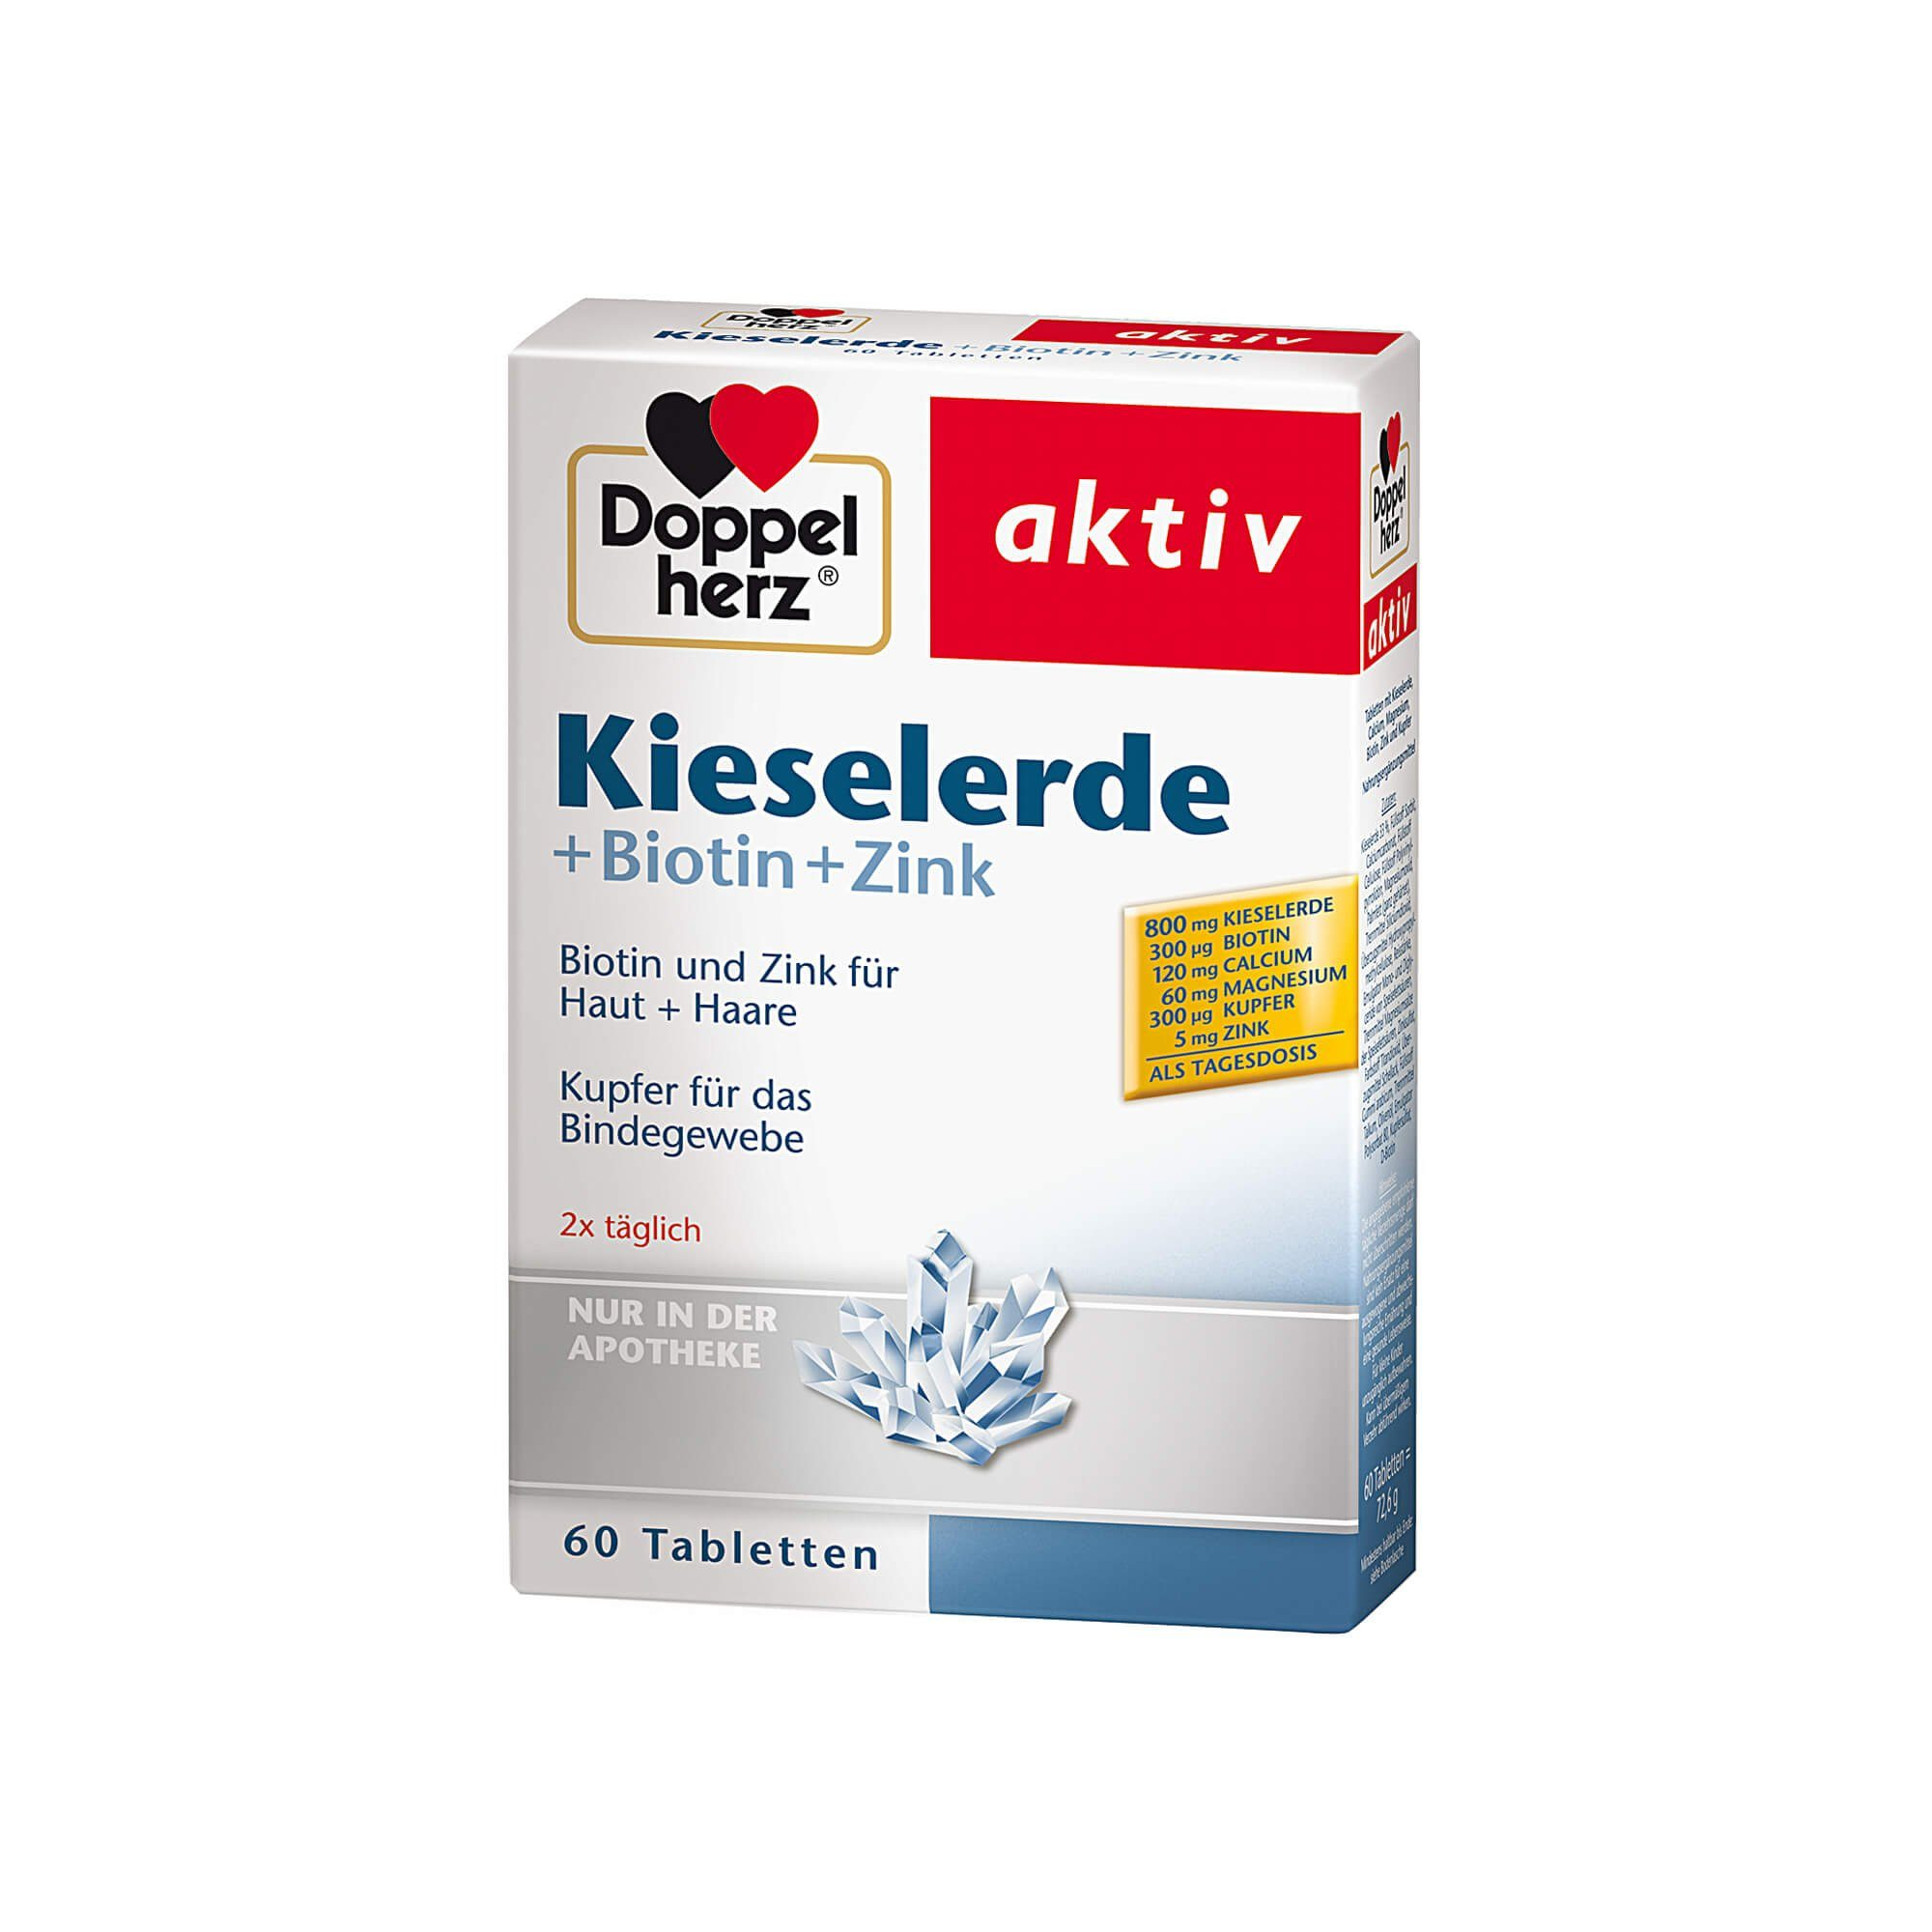 Doppelherz Kieselerde + Biotin + Zink aktiv , 60 St